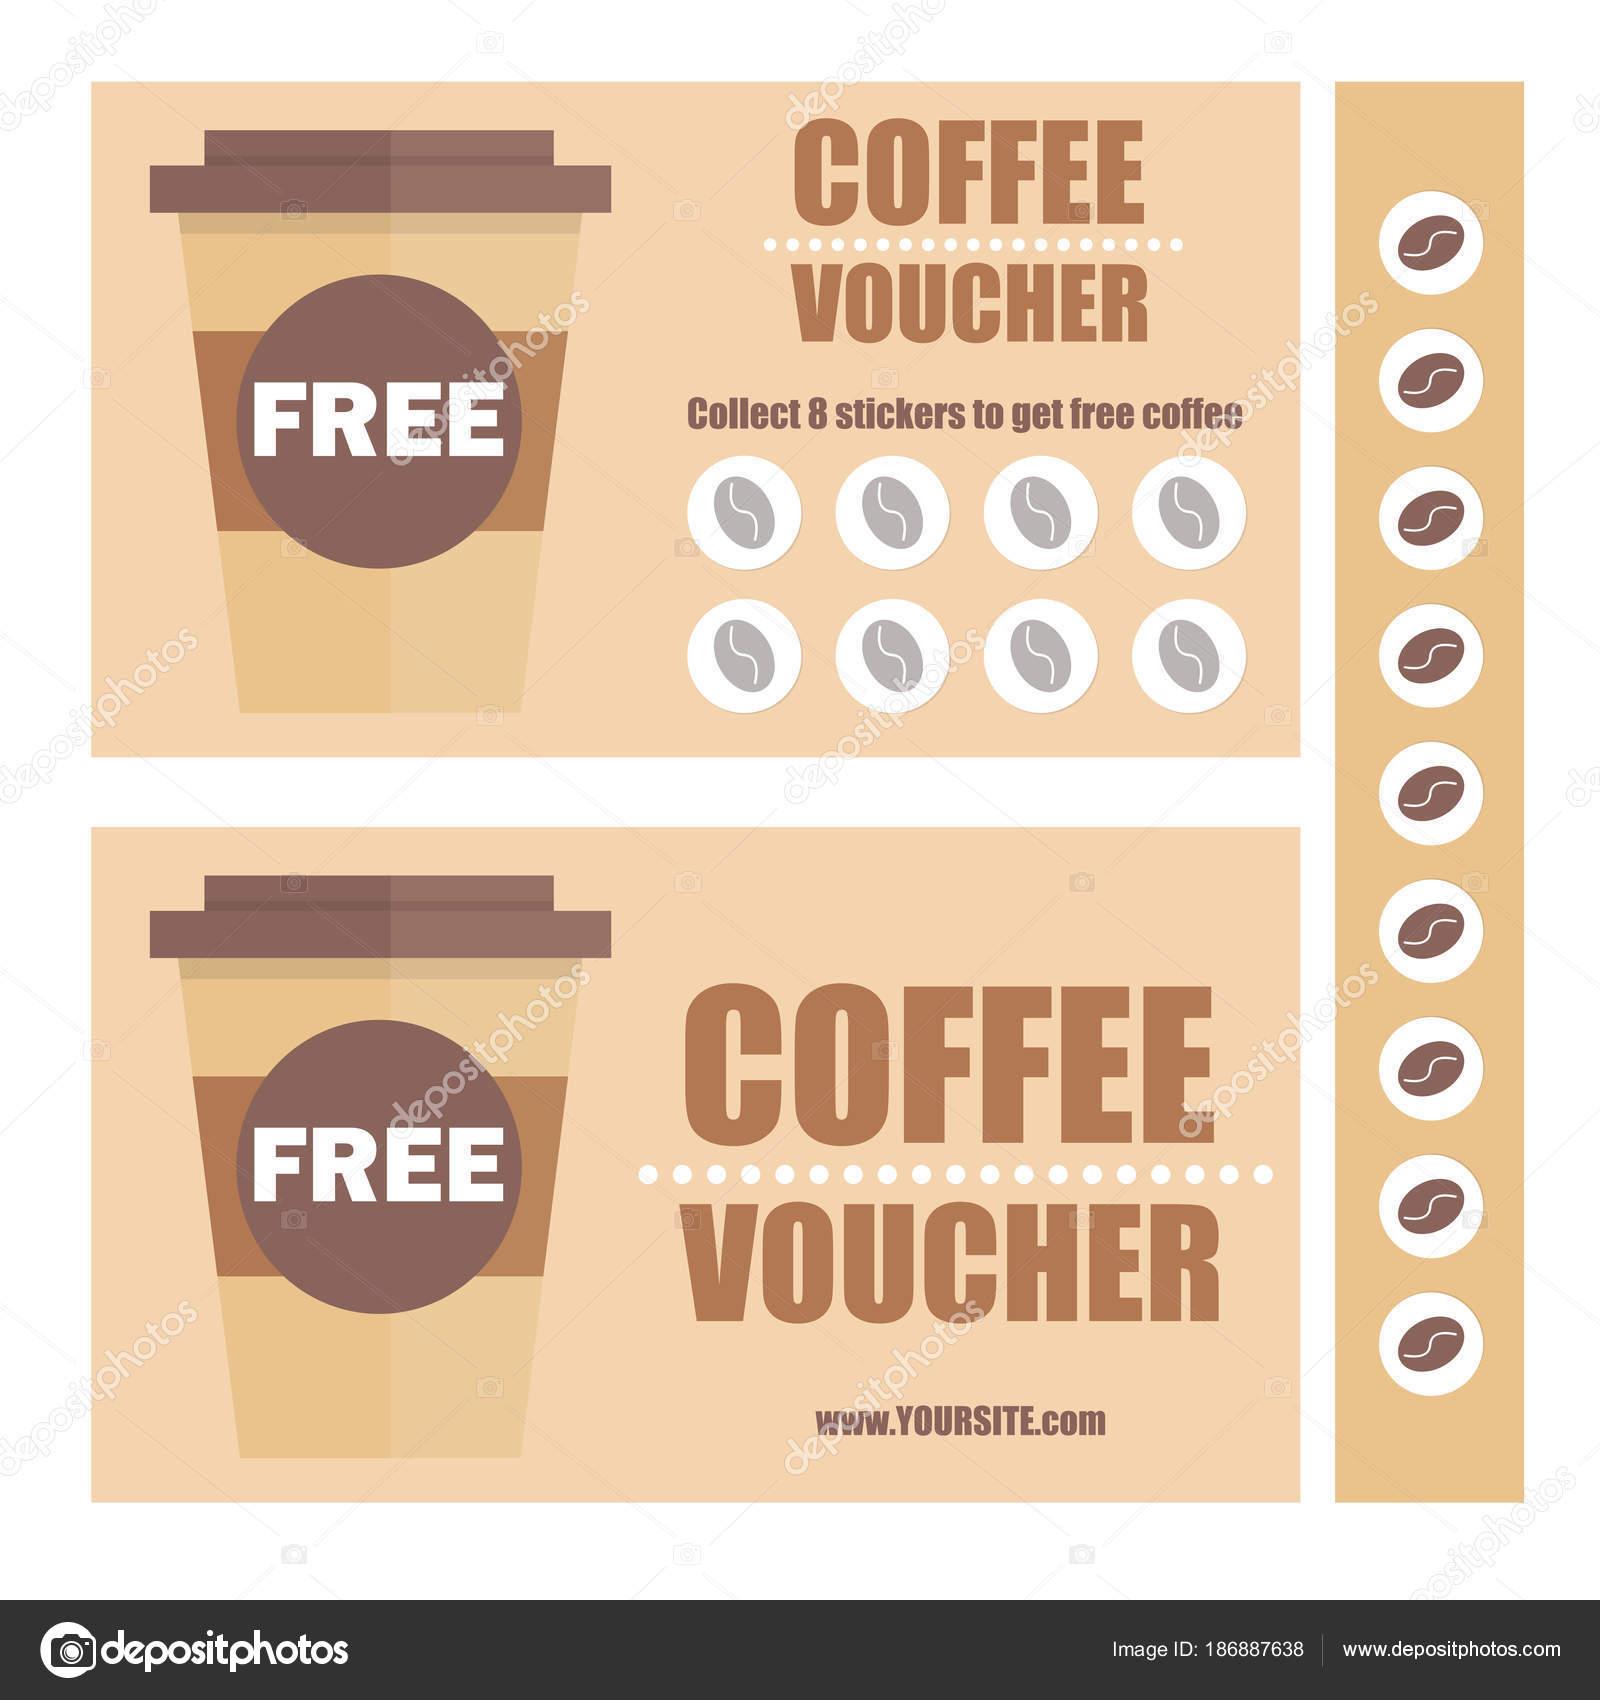 Einen Kaffee-Gutschein oder Rabatt-Gutschein. Vektor flache ...